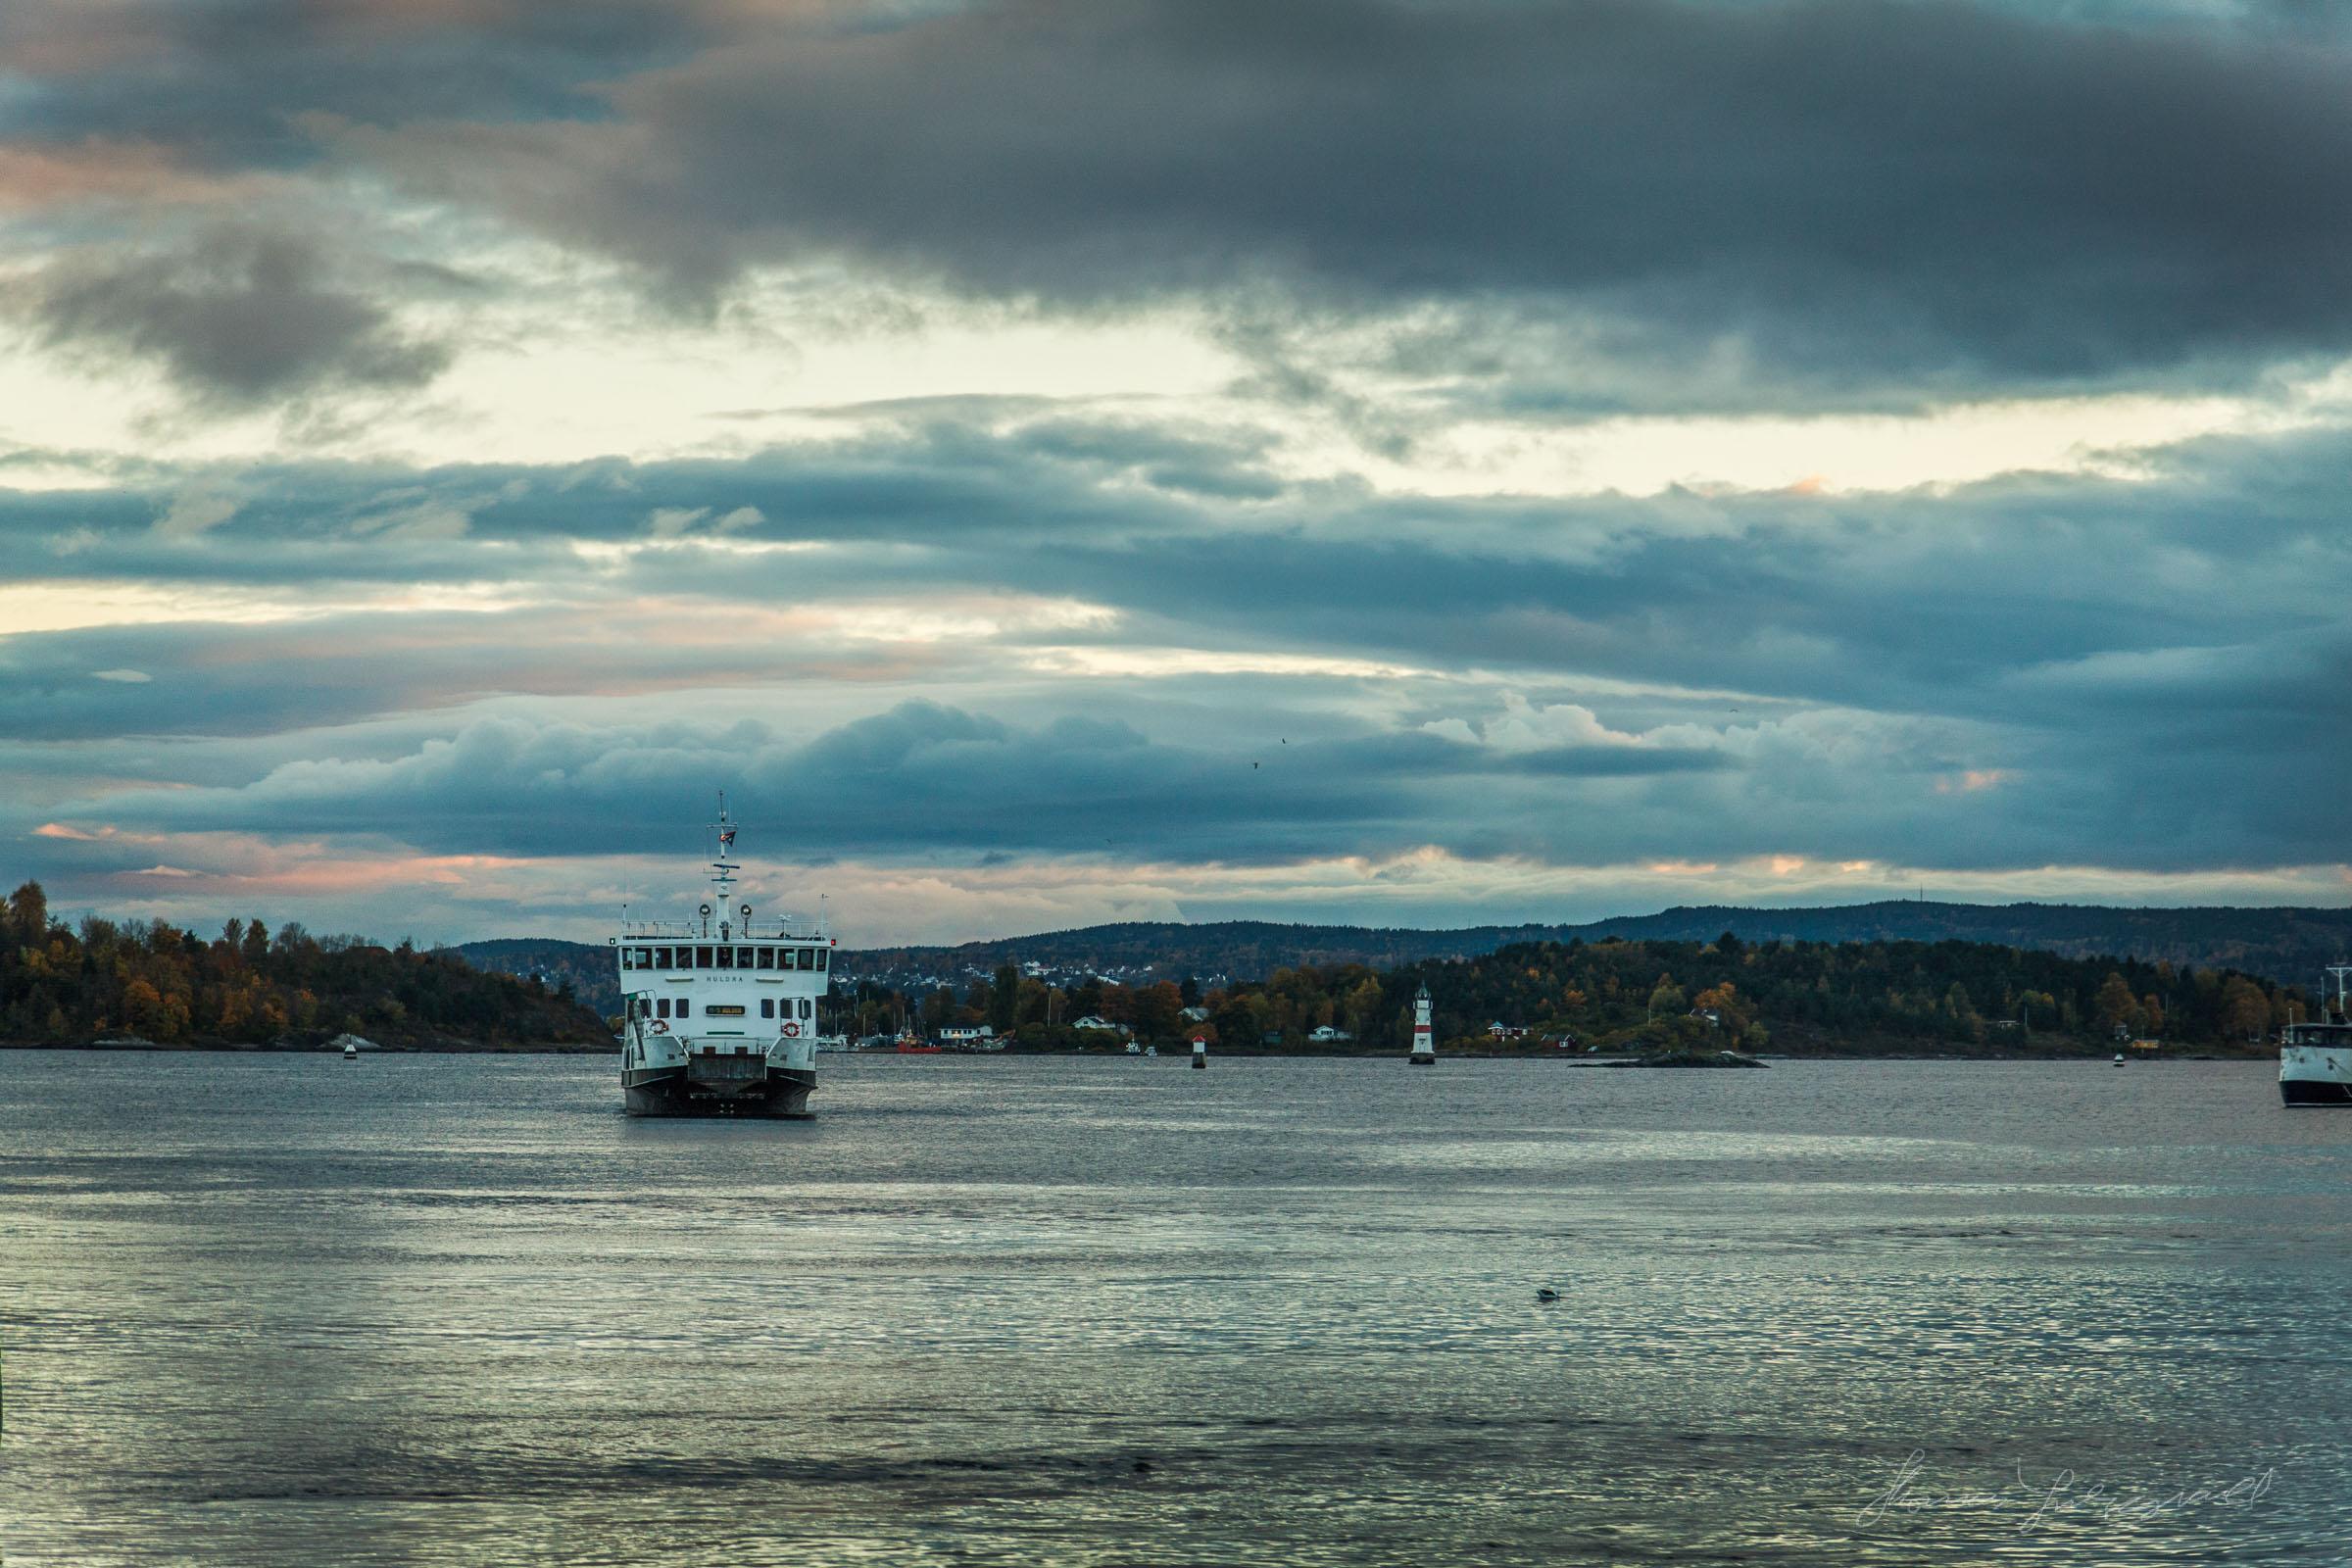 Ferry Docking in Oslo